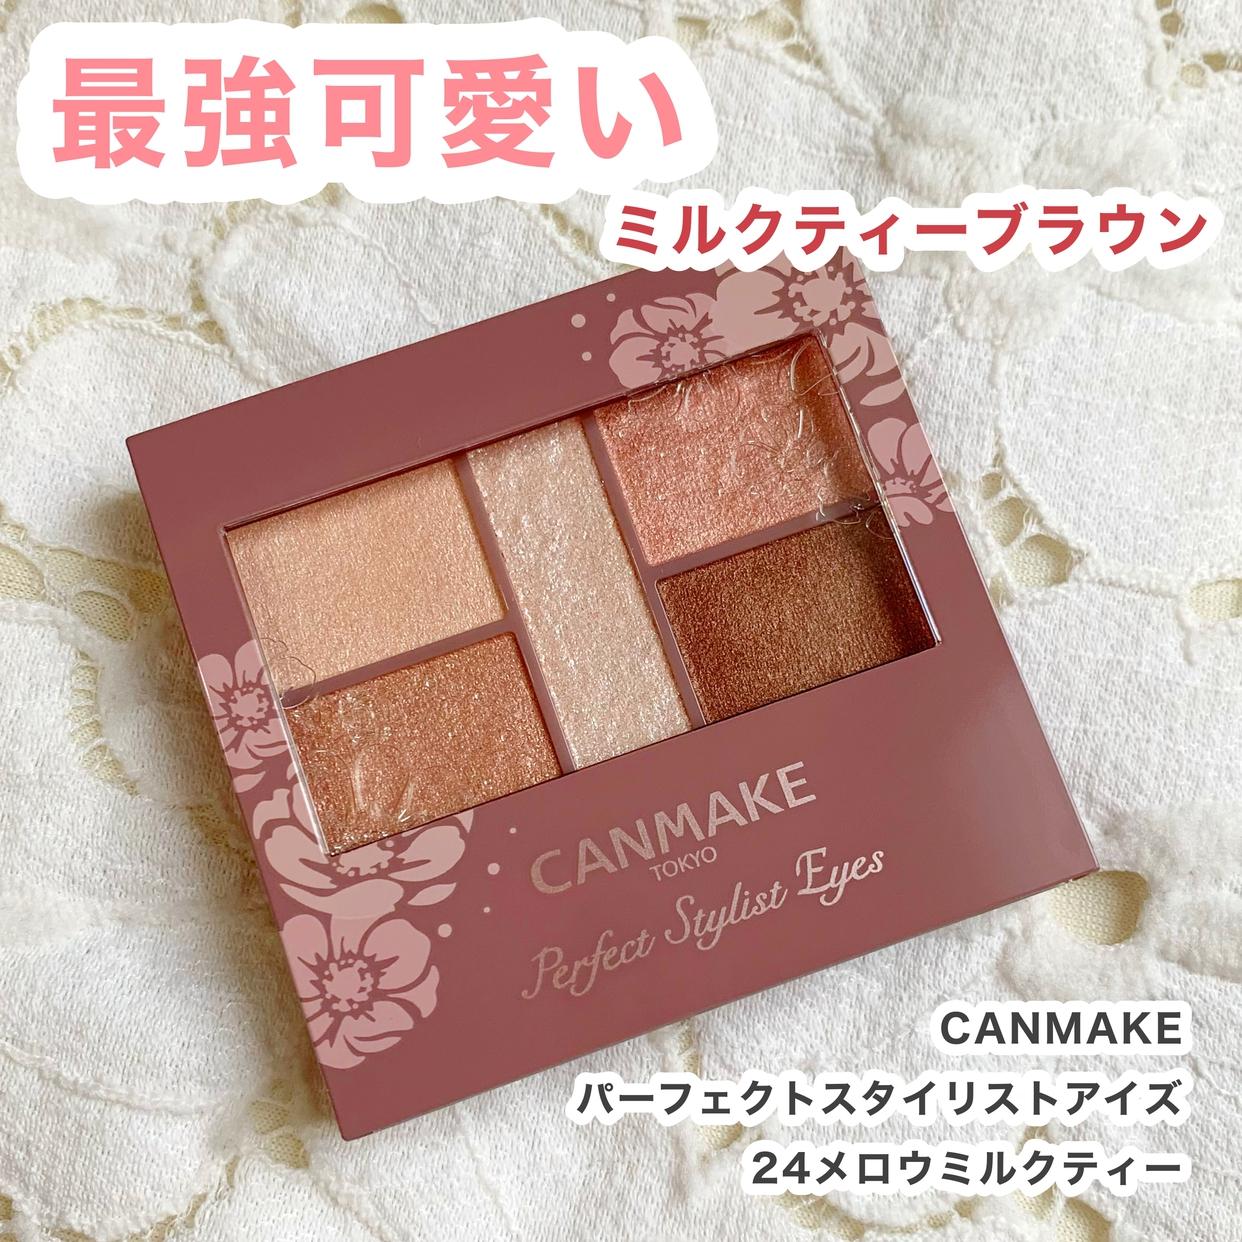 CANMAKE(キャンメイク) パーフェクトスタイリストアイズを使ったKeiさんのクチコミ画像1